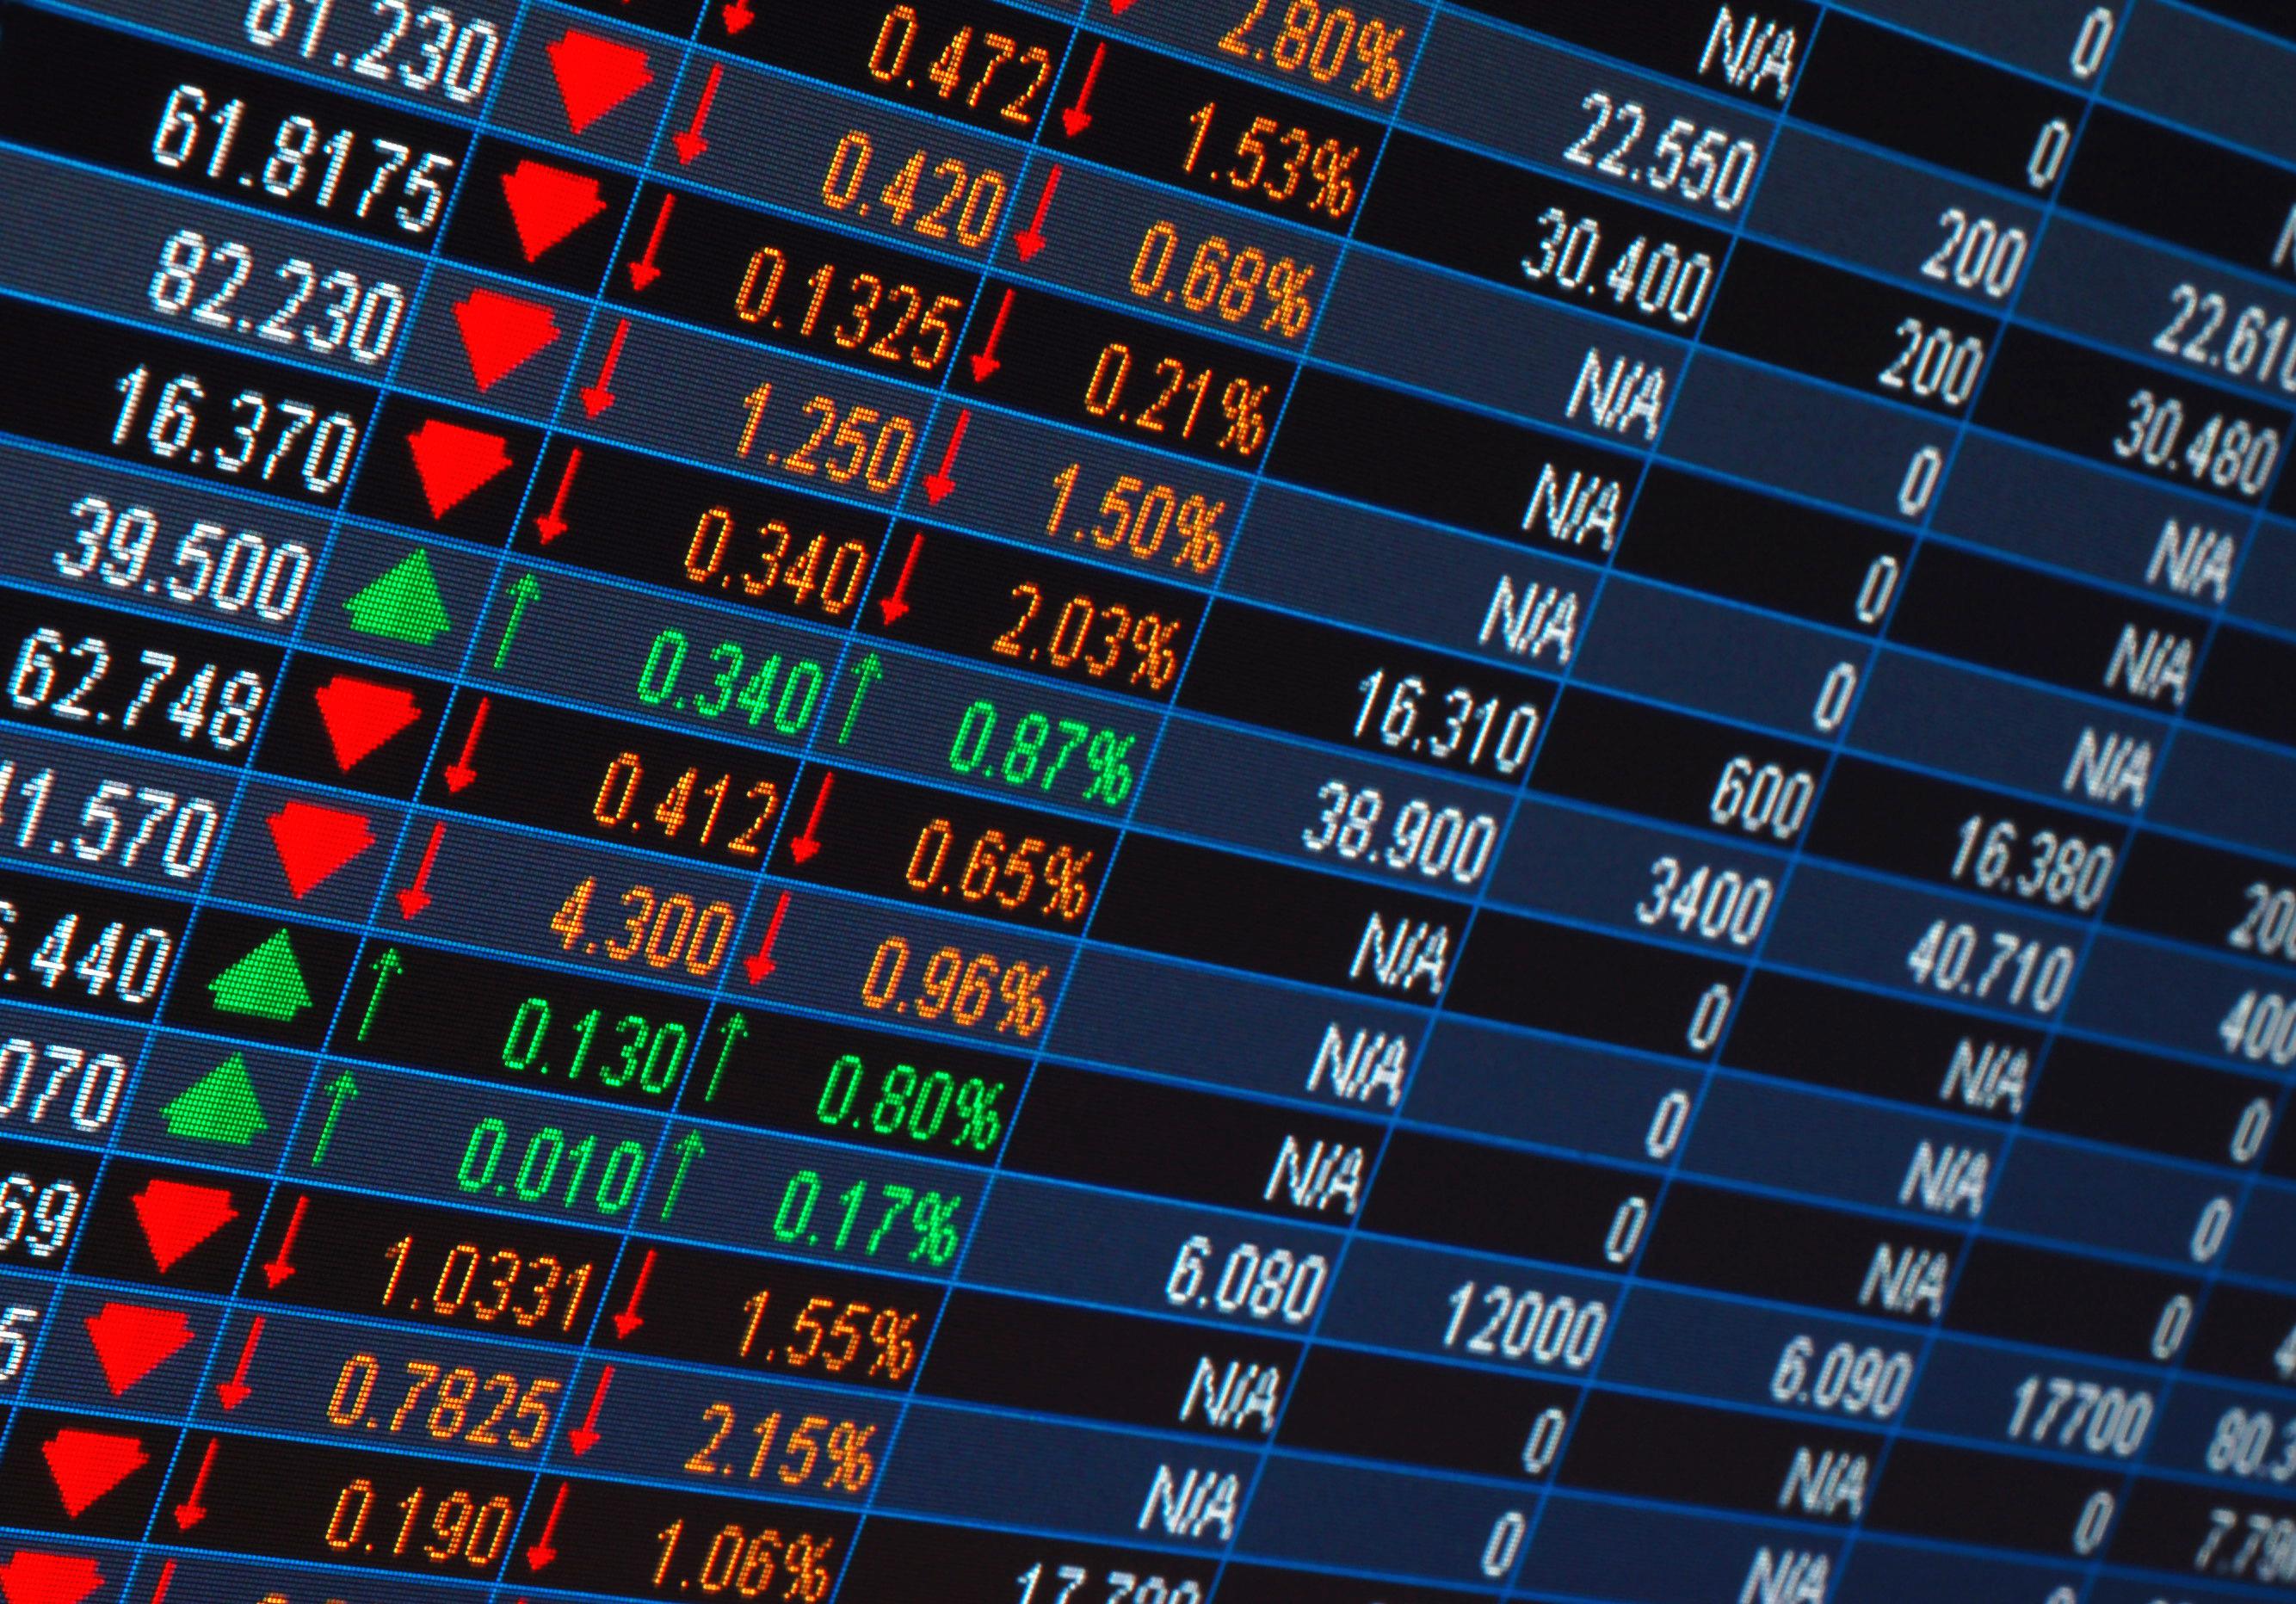 證券交易所的所有不確定因素